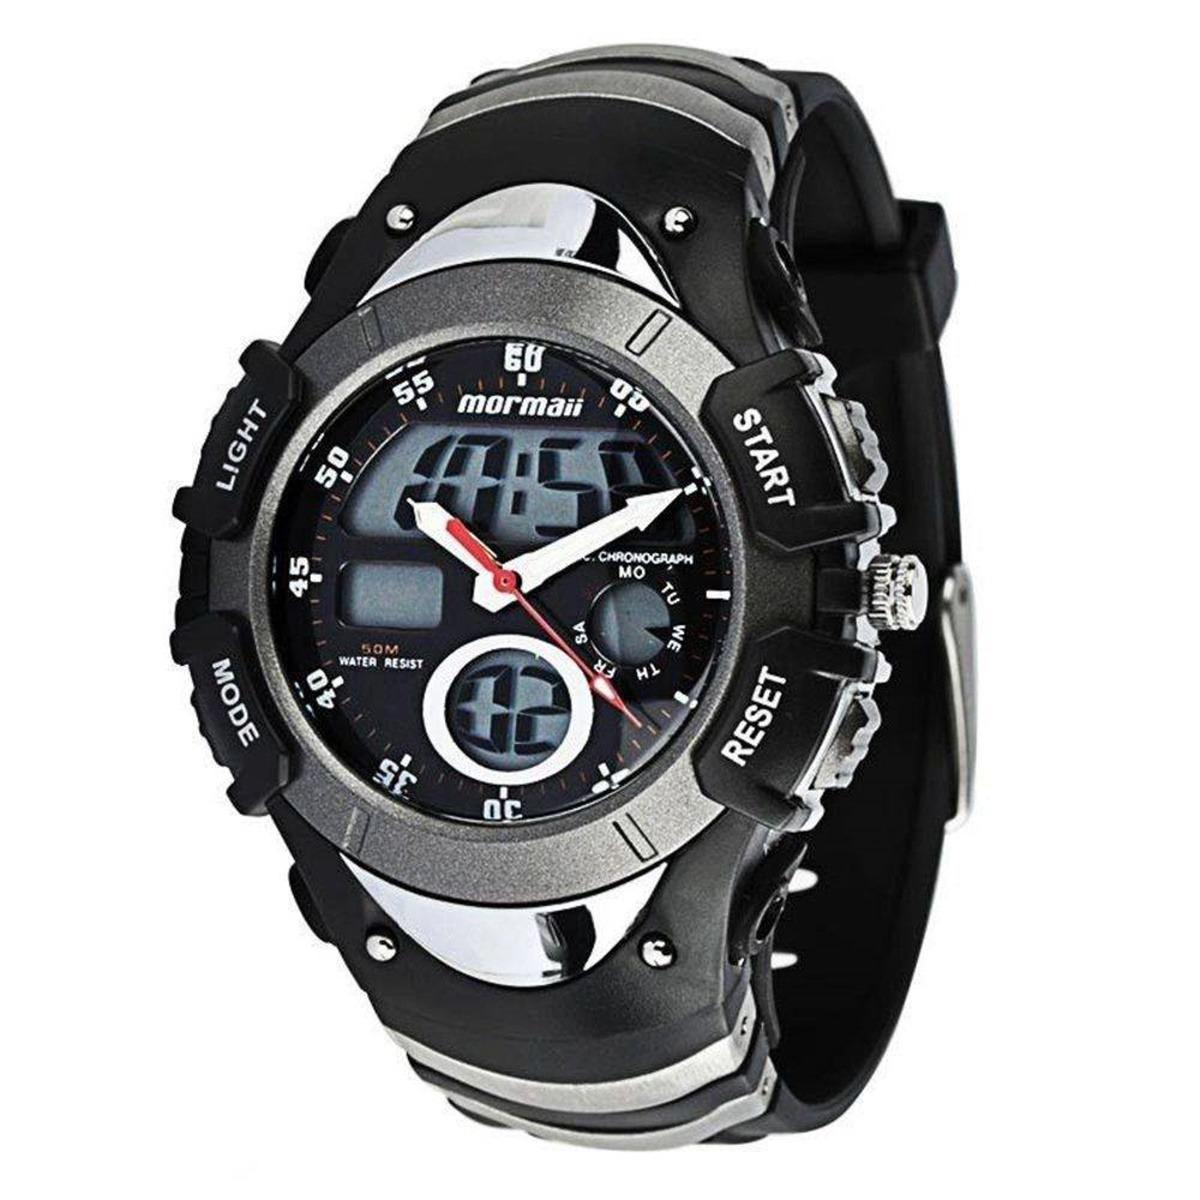 4d4c87d123e73 Relógio Esportivo Masculino Mormaii Anadigi 7870m8c - R  259,00 em ...